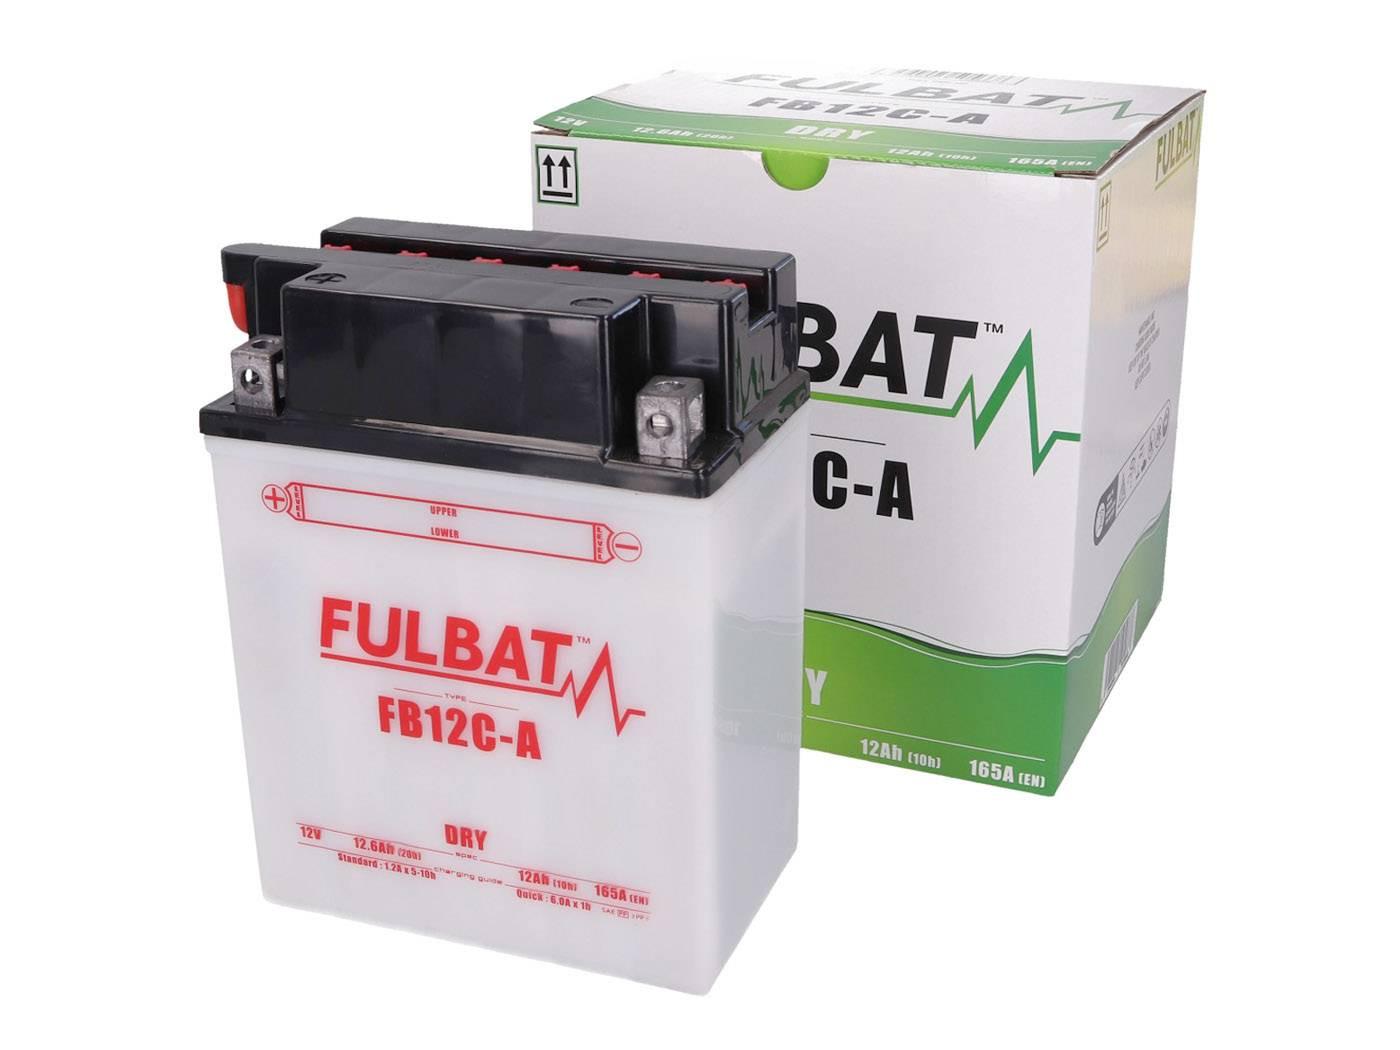 Fulbat FB12C-A DRY száraz akkumulátor + savcsomag